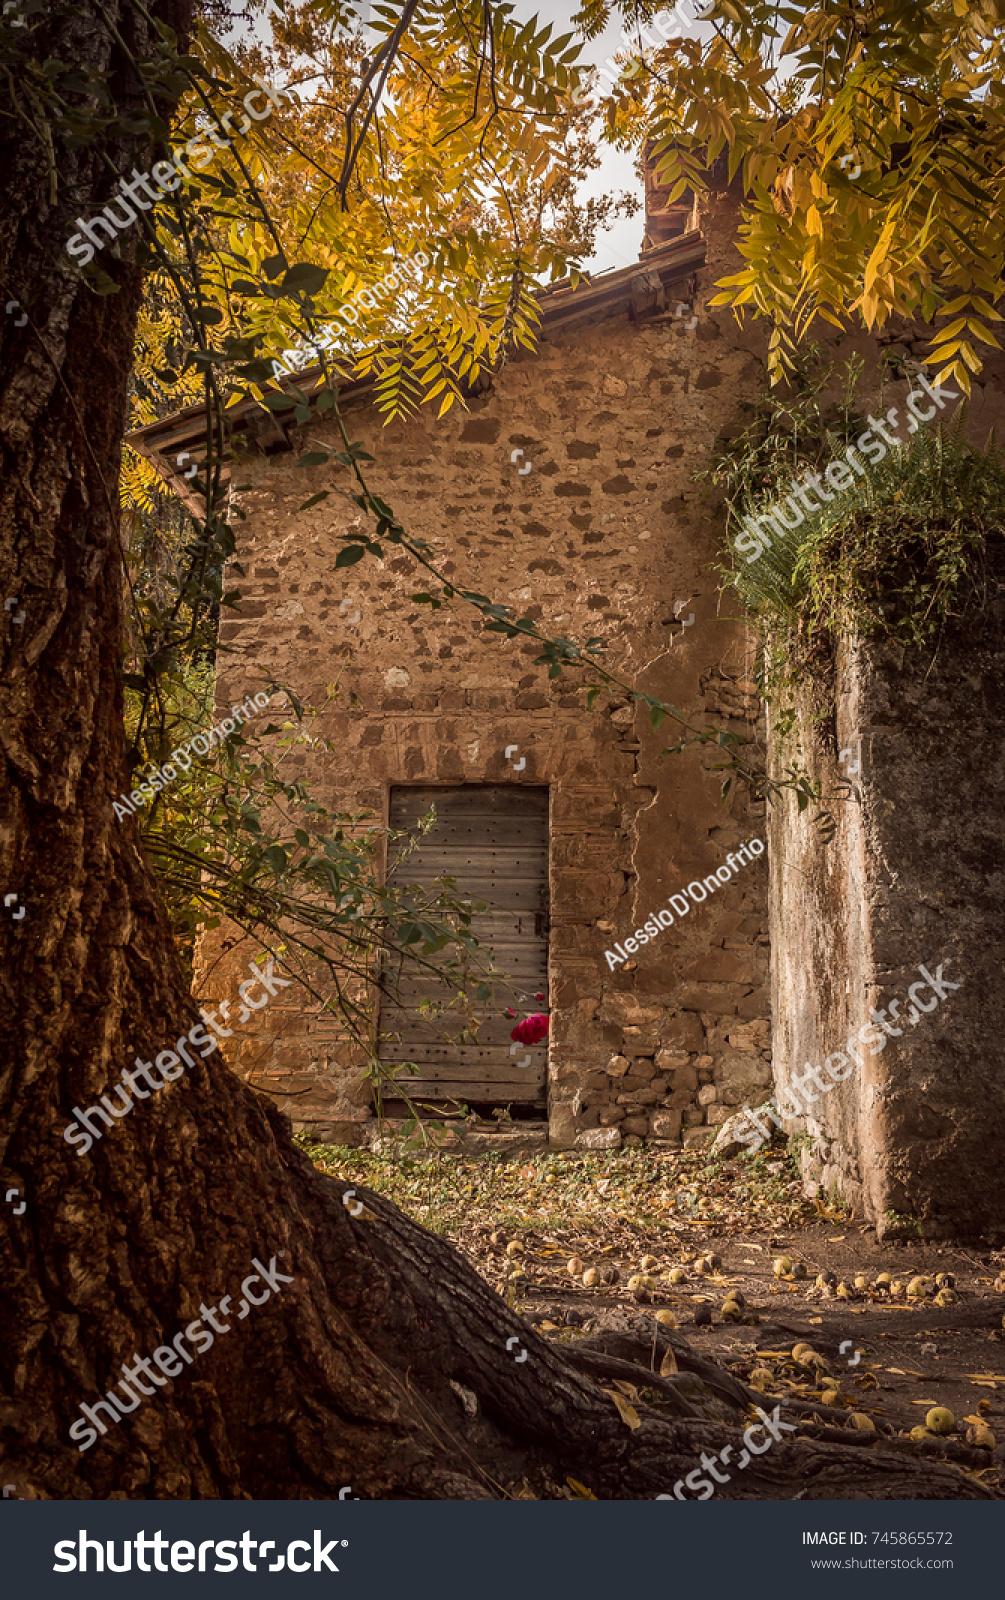 Medieval Riuns Inside Garden Ninfa Garden Stock Photo (Royalty Free ...